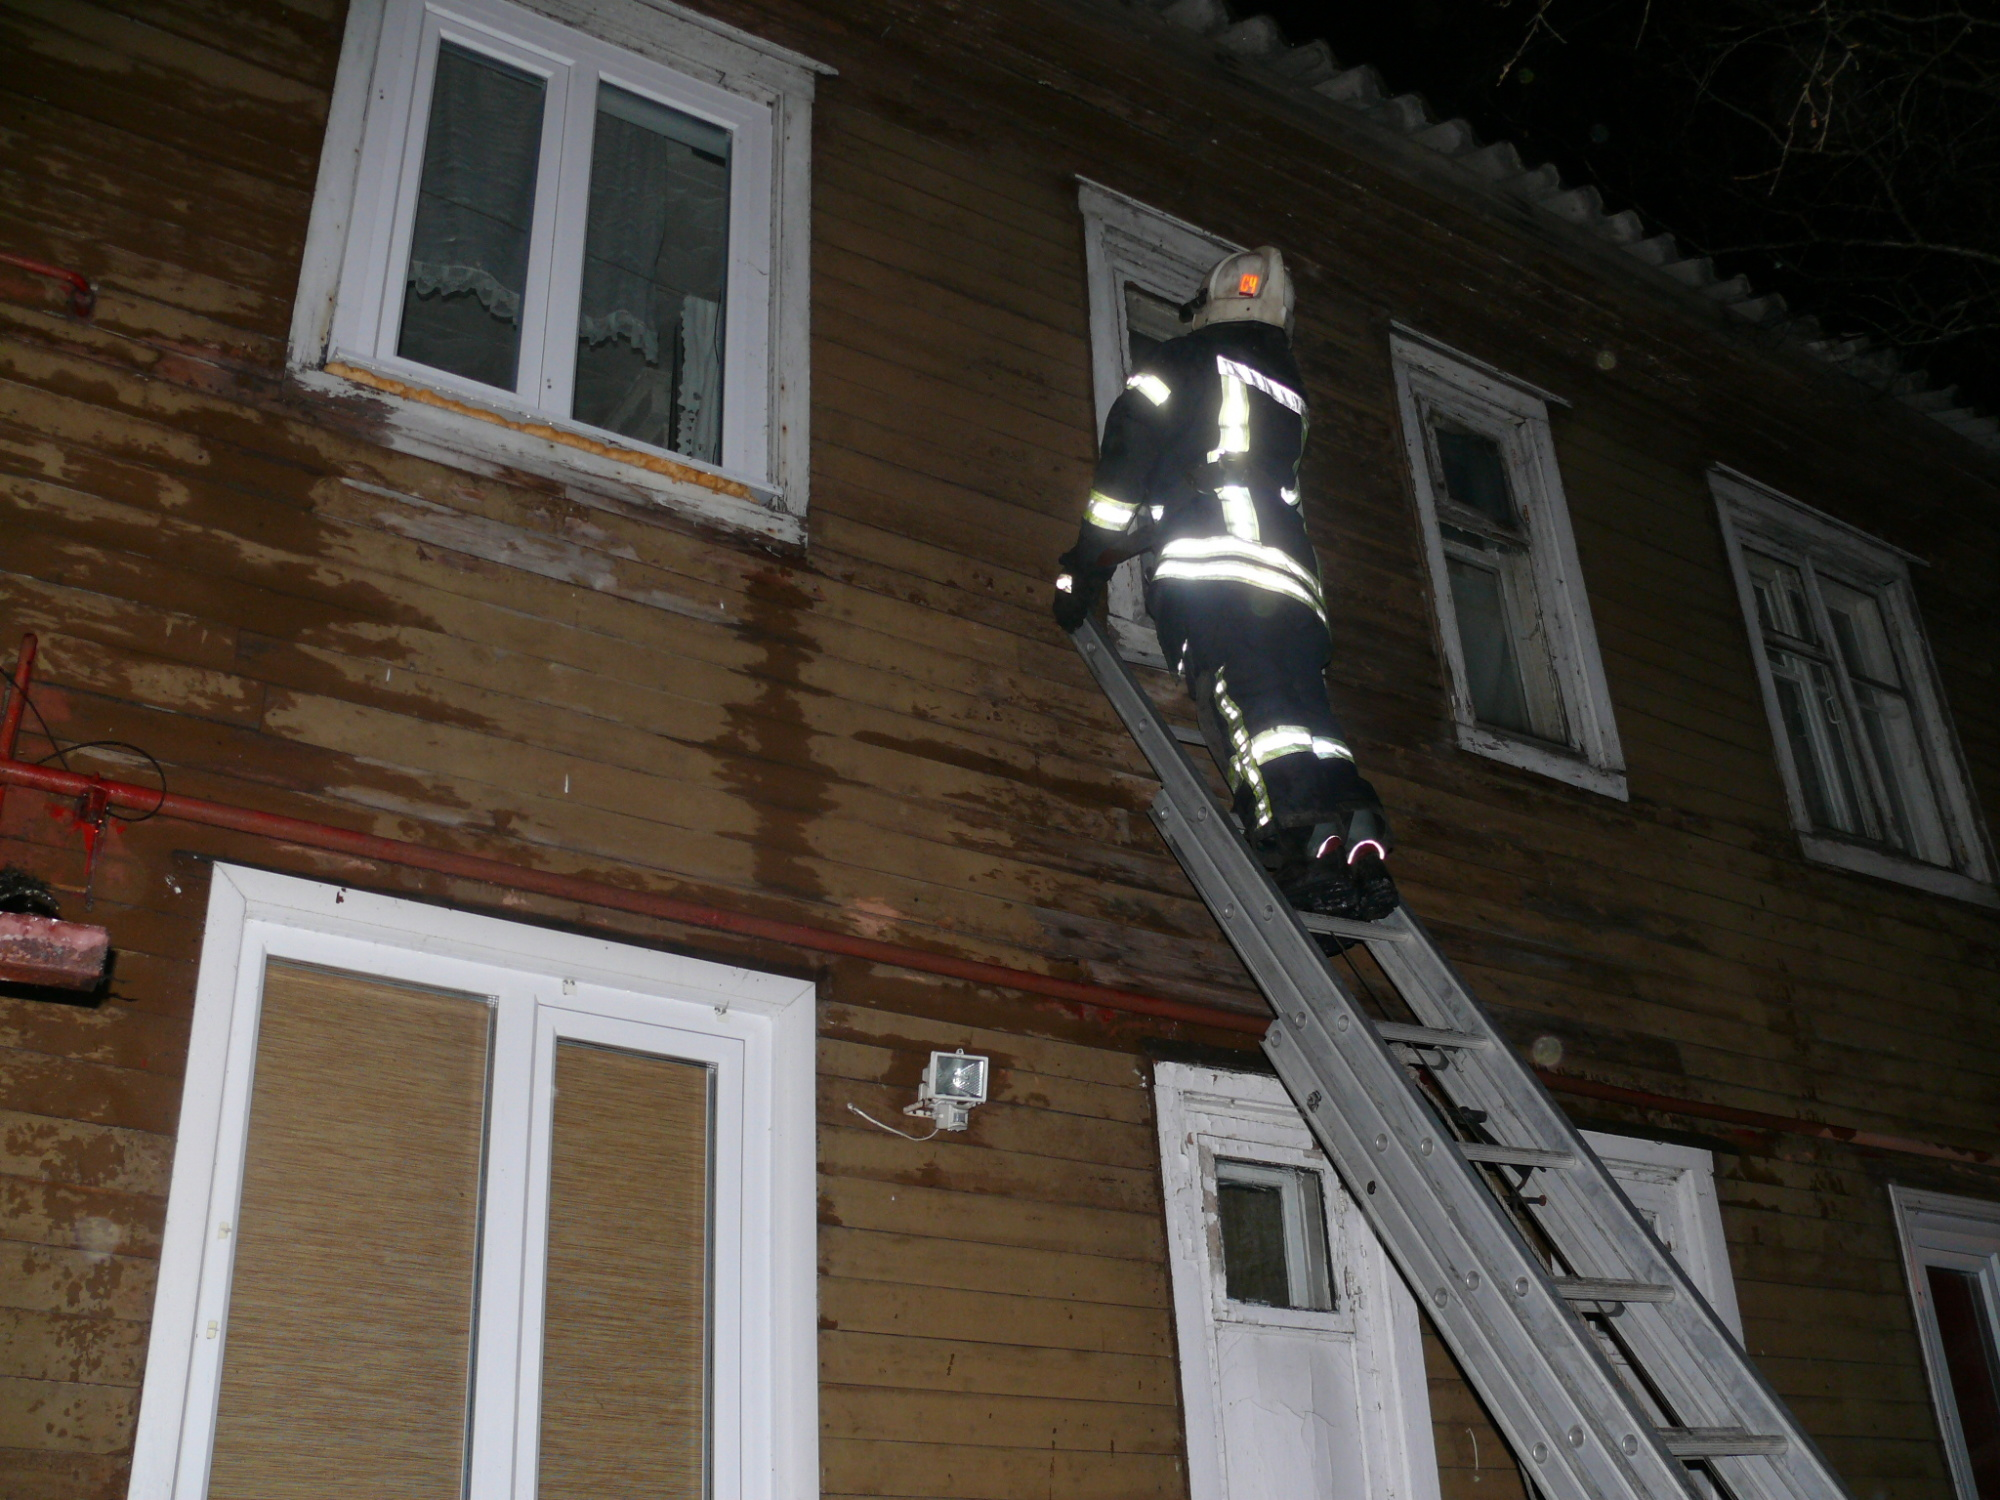 Пожарно-спасательные подразделения ликвидировали пожар в г. Новодвинска Архангельской области